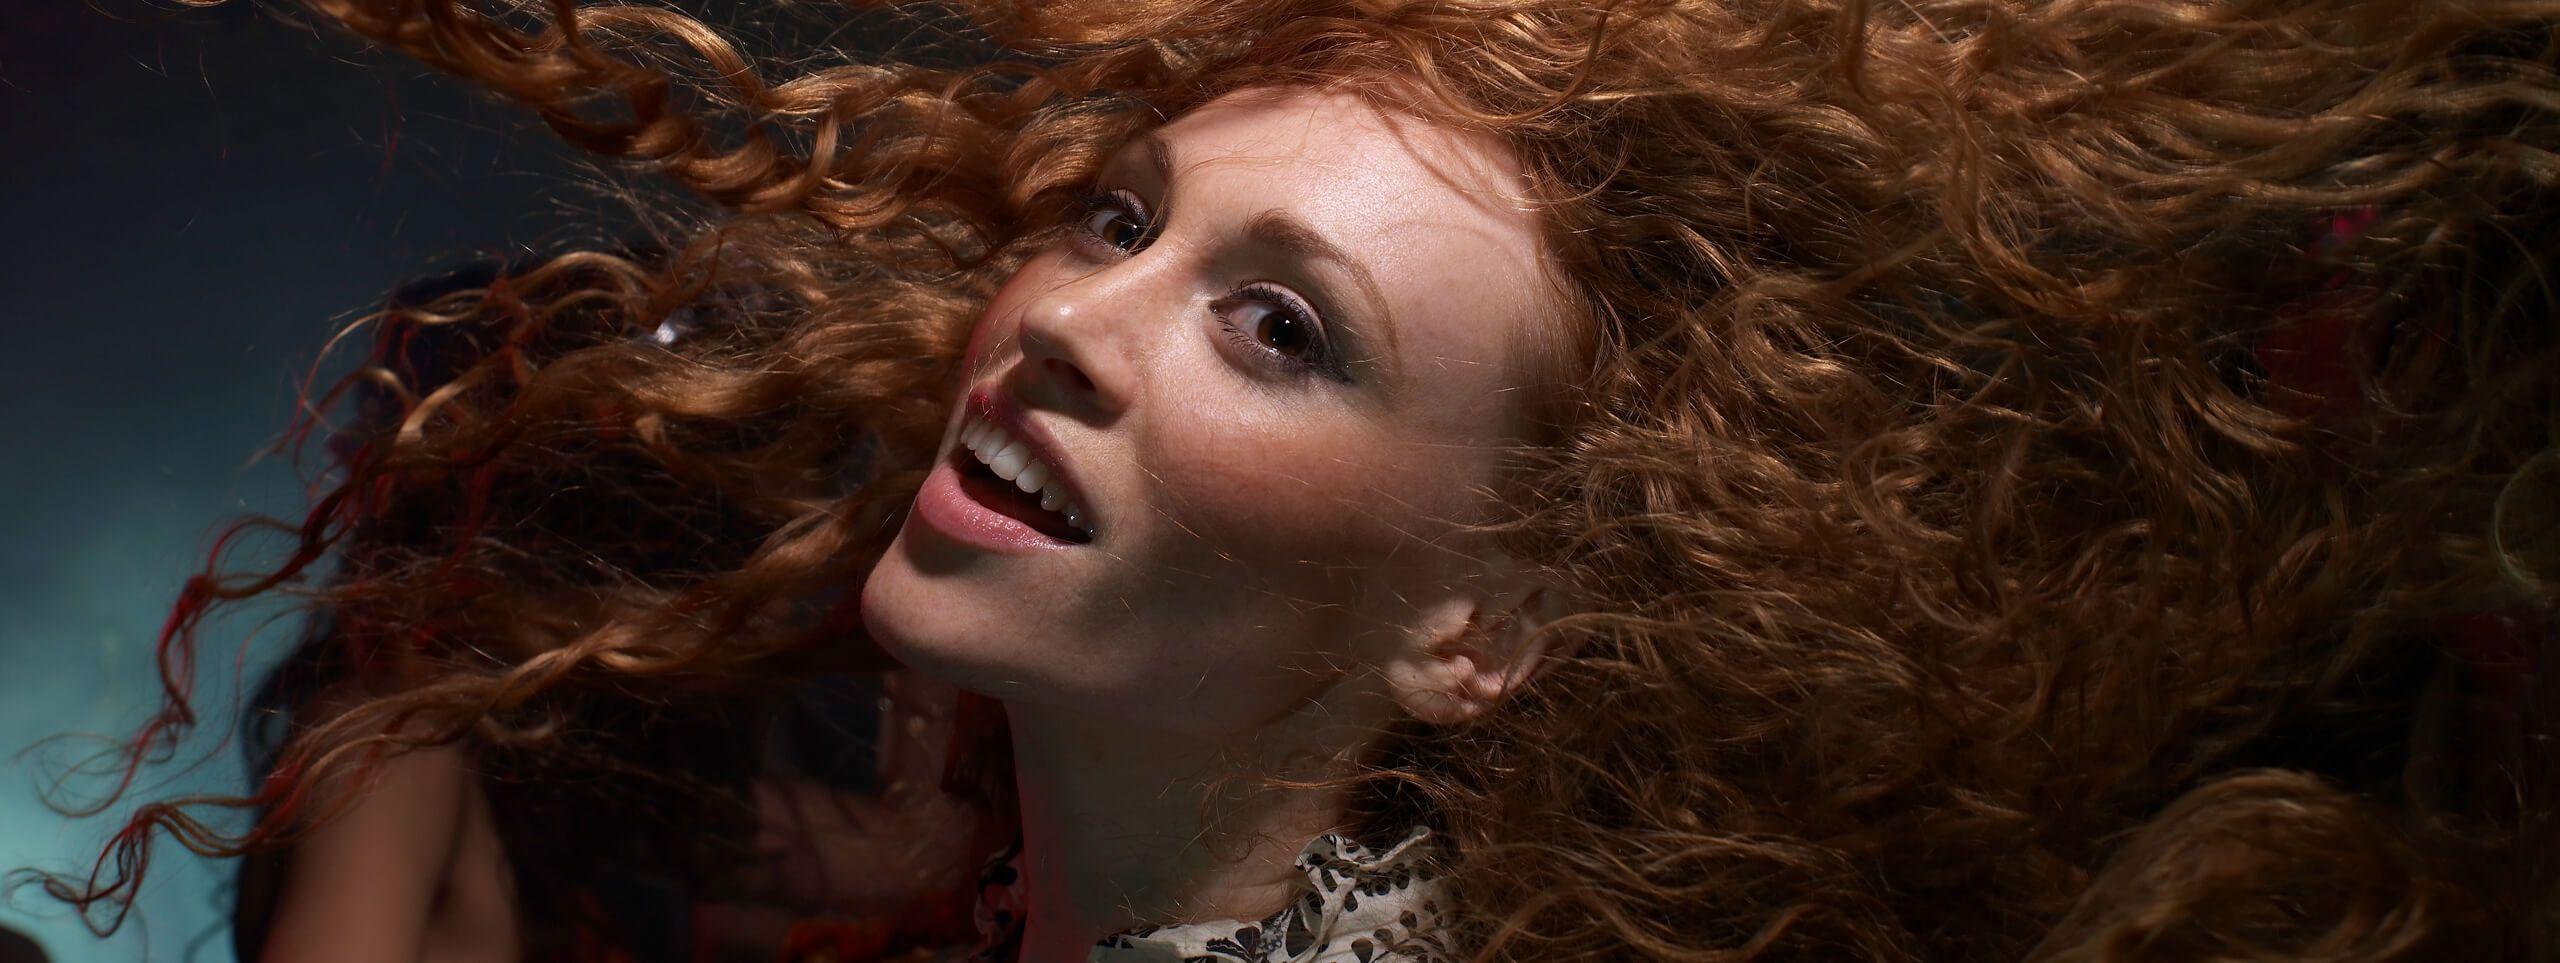 Mujer con color de cabello pelirrojo